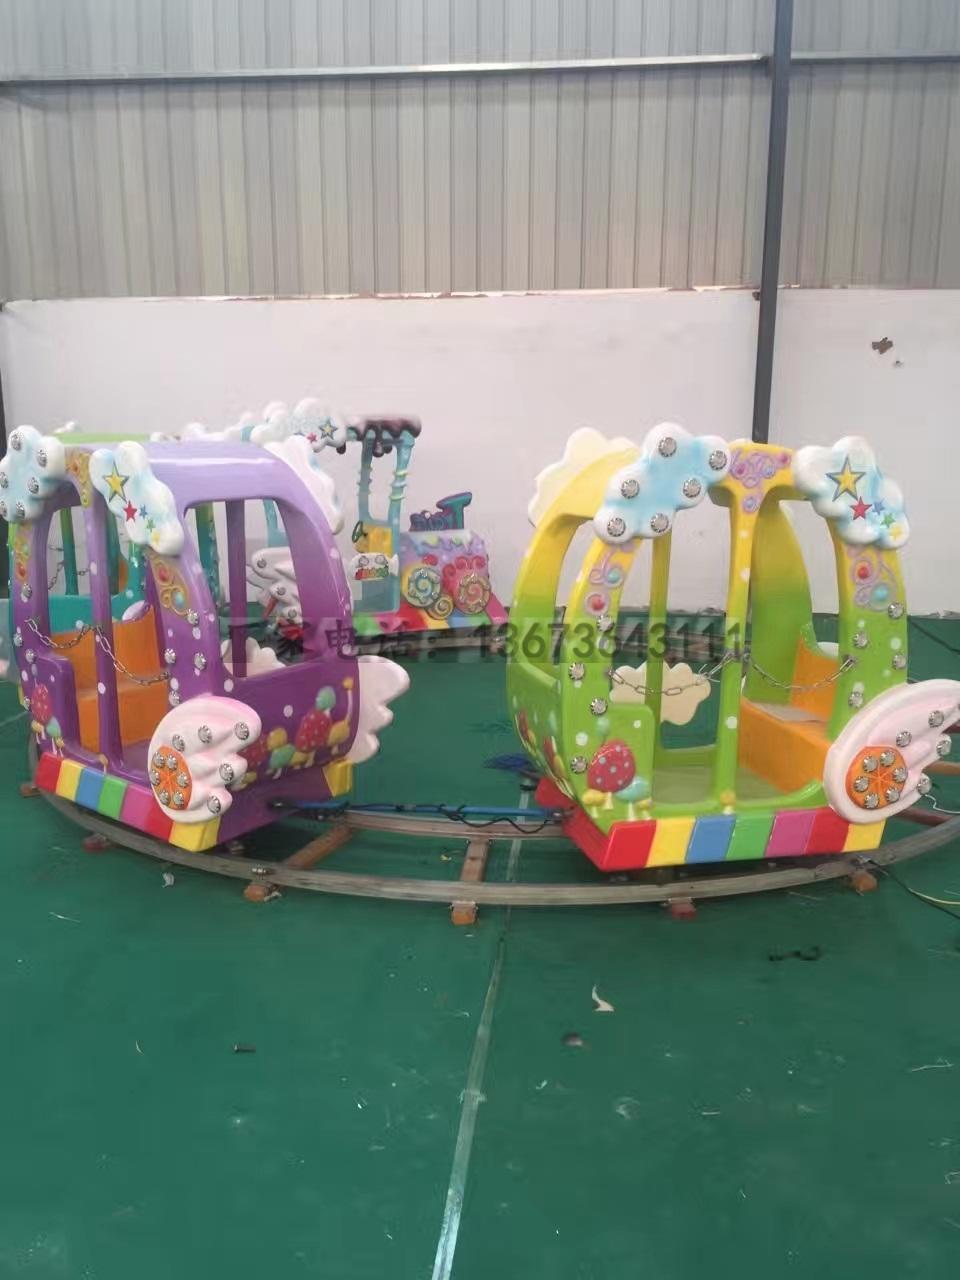 儿童12座迷你飞椅游乐设备 旋转飞椅大洋游乐厂家专业定制生产示例图49